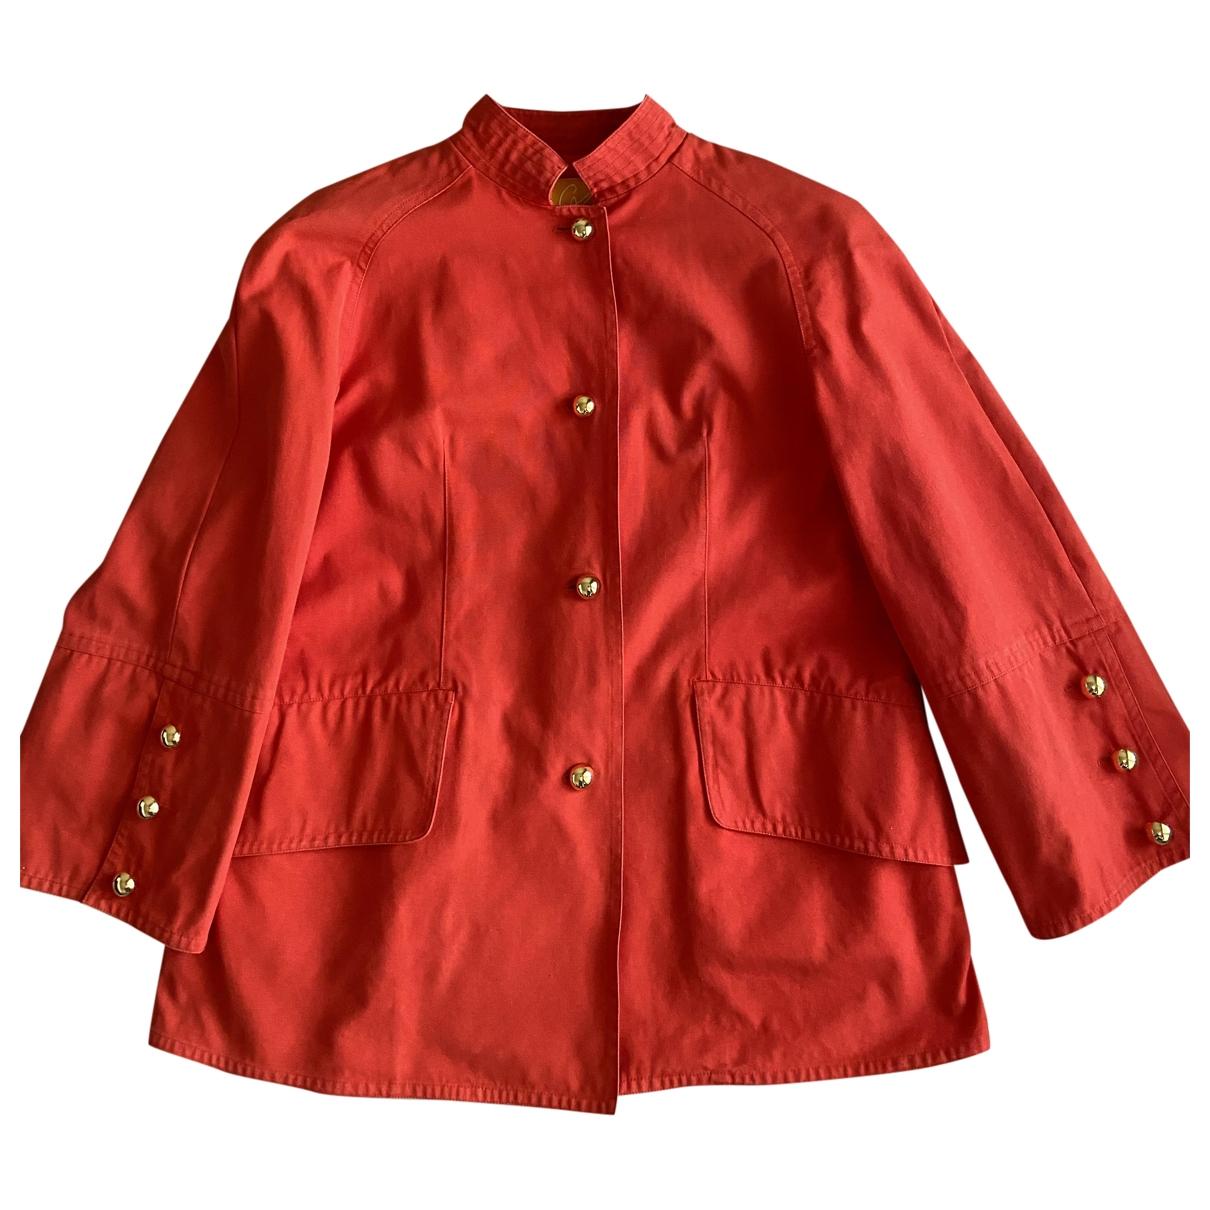 Christian Lacroix \N Orange Cotton jacket for Women 42 IT